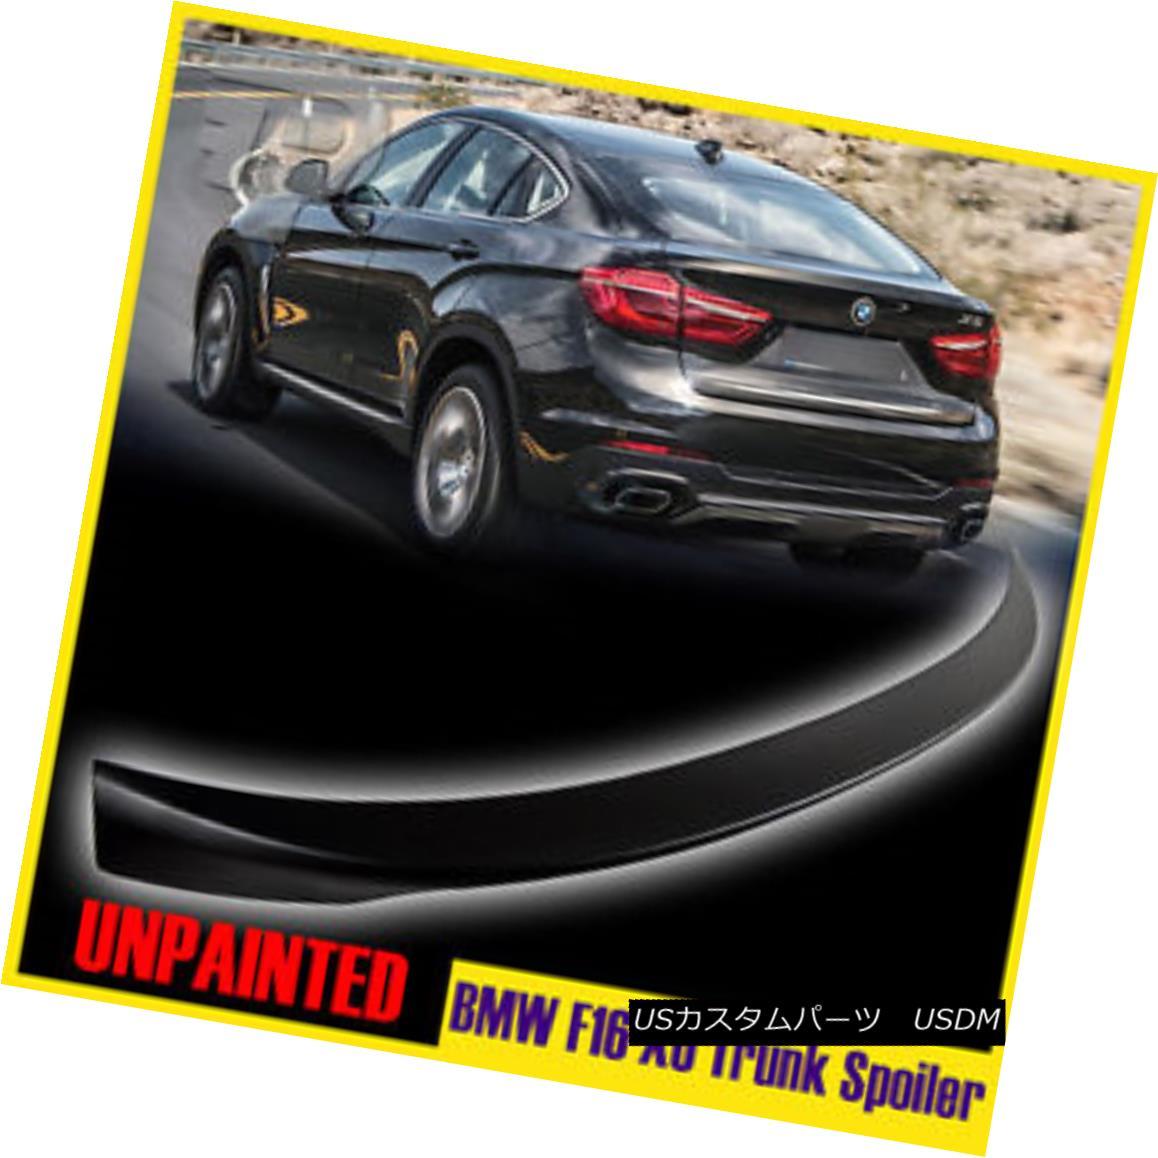 エアロパーツ Unpainted BMW 15-17 X6 F16 2nd X6M Sport F86 xDrive Trunk Spoiler Wing Boot 未塗装のBMW 15-17 X6 F16第2のX6MスポーツF86 xDriveトランク・スポイラー・ウイング・ブーツ